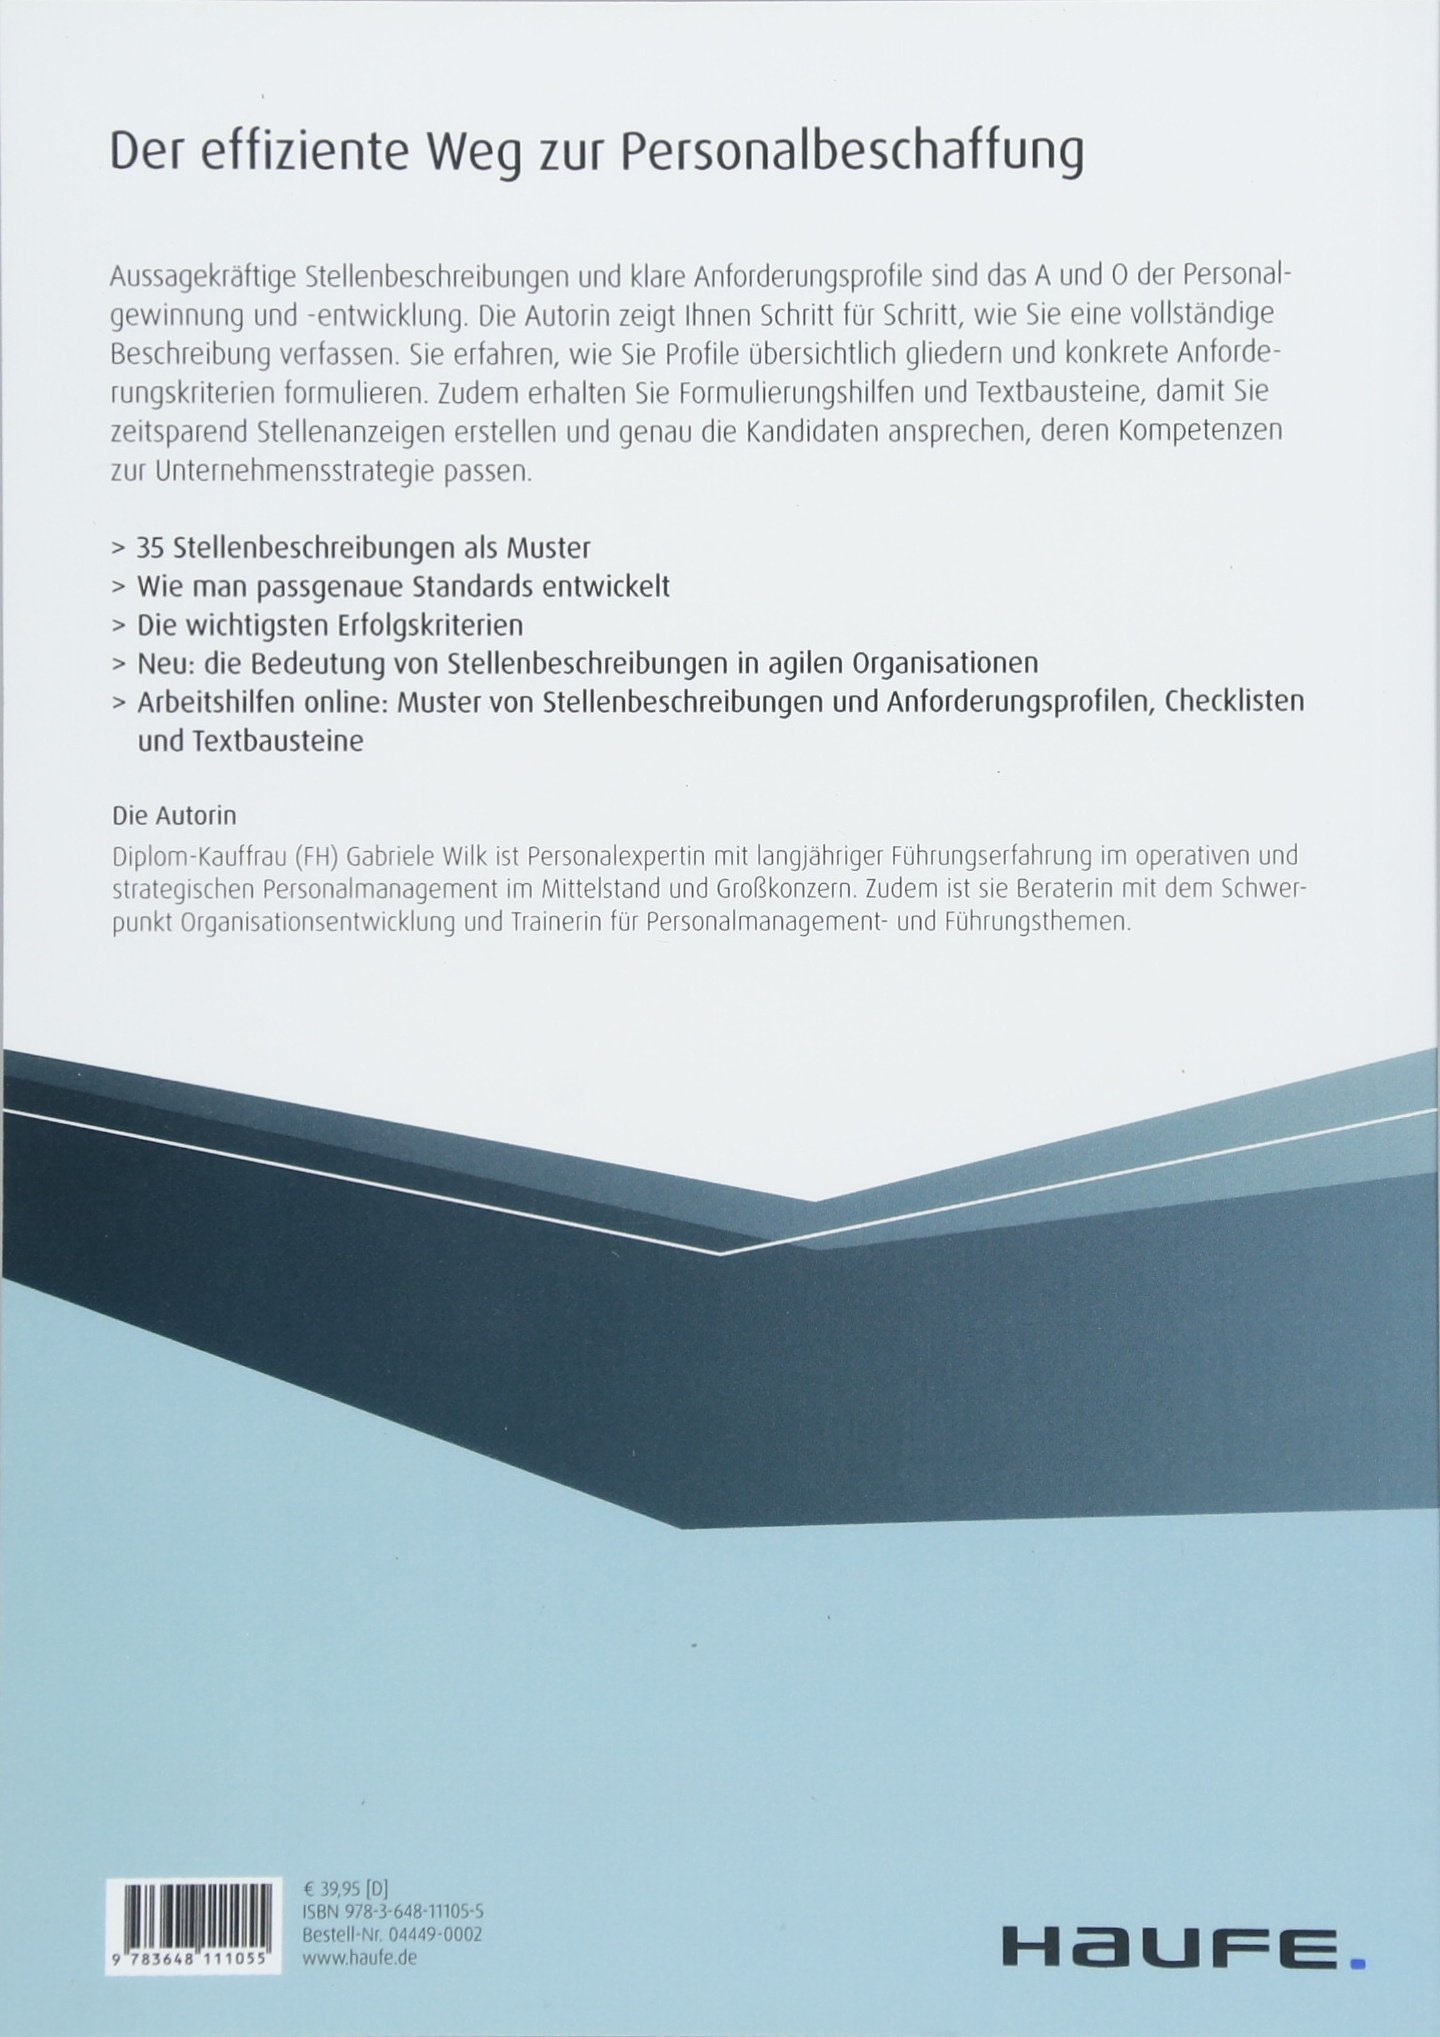 stellenbeschreibungen und anforderungsprofile inkl arbeitshilfen gabriele wilk amazonde bcher - Muster Stellenbeschreibung